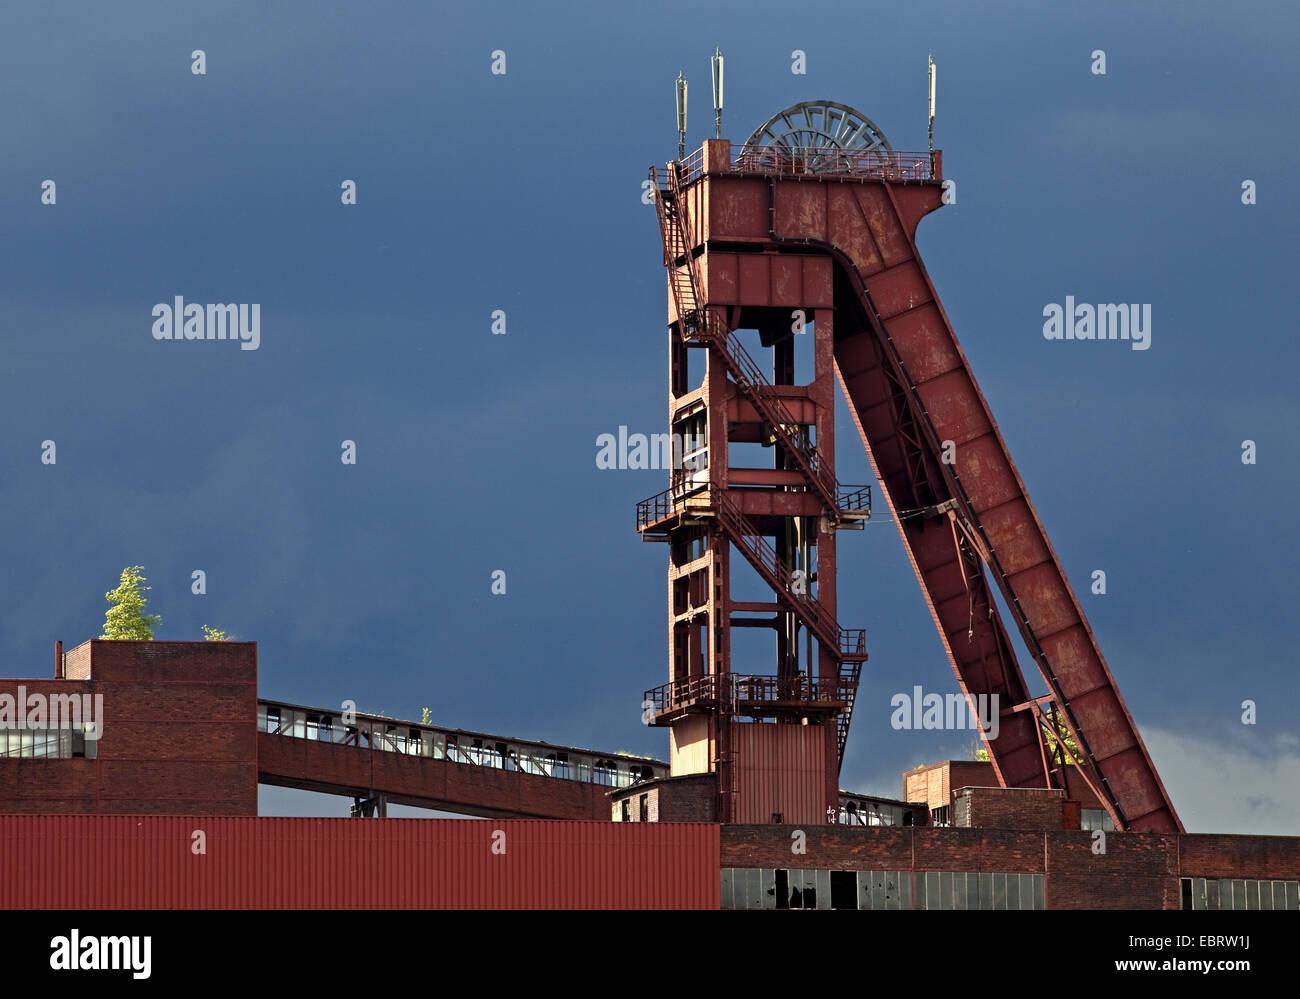 shaft tower of coal pit Schlaegel und Eisen 3/4/7, Germany, North Rhine-Westphalia, Ruhr Area, Herten - Stock Image